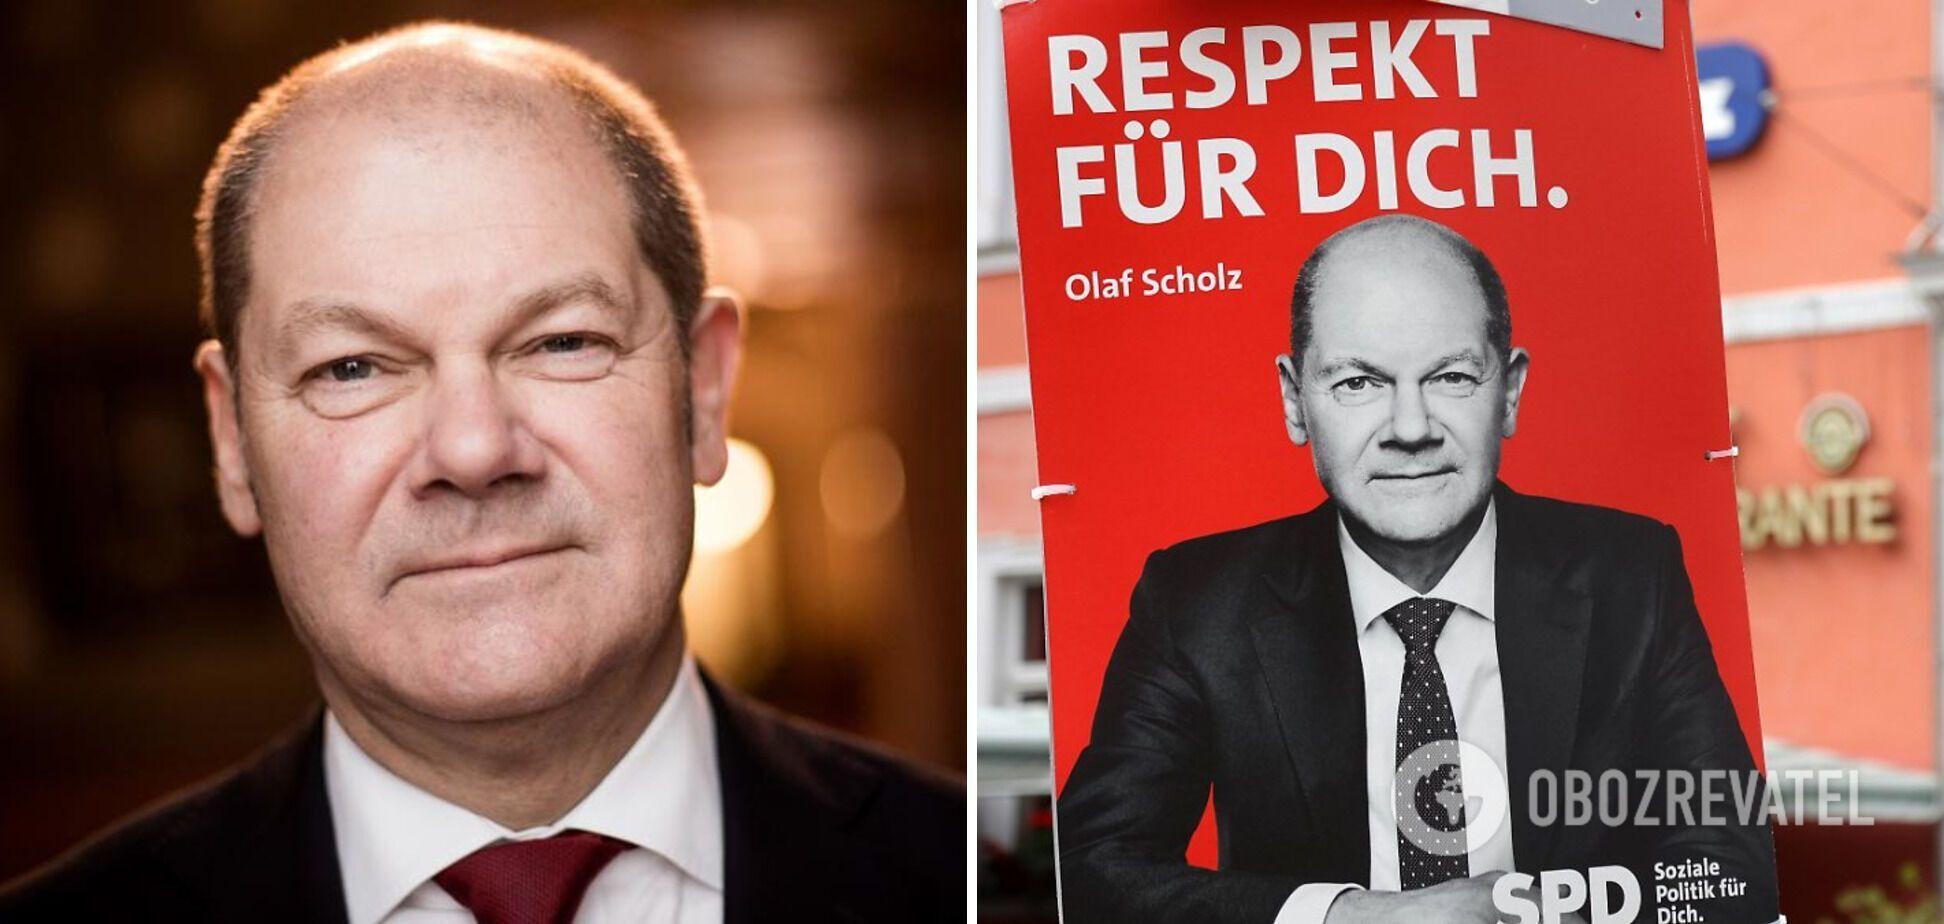 Олаф Шольц